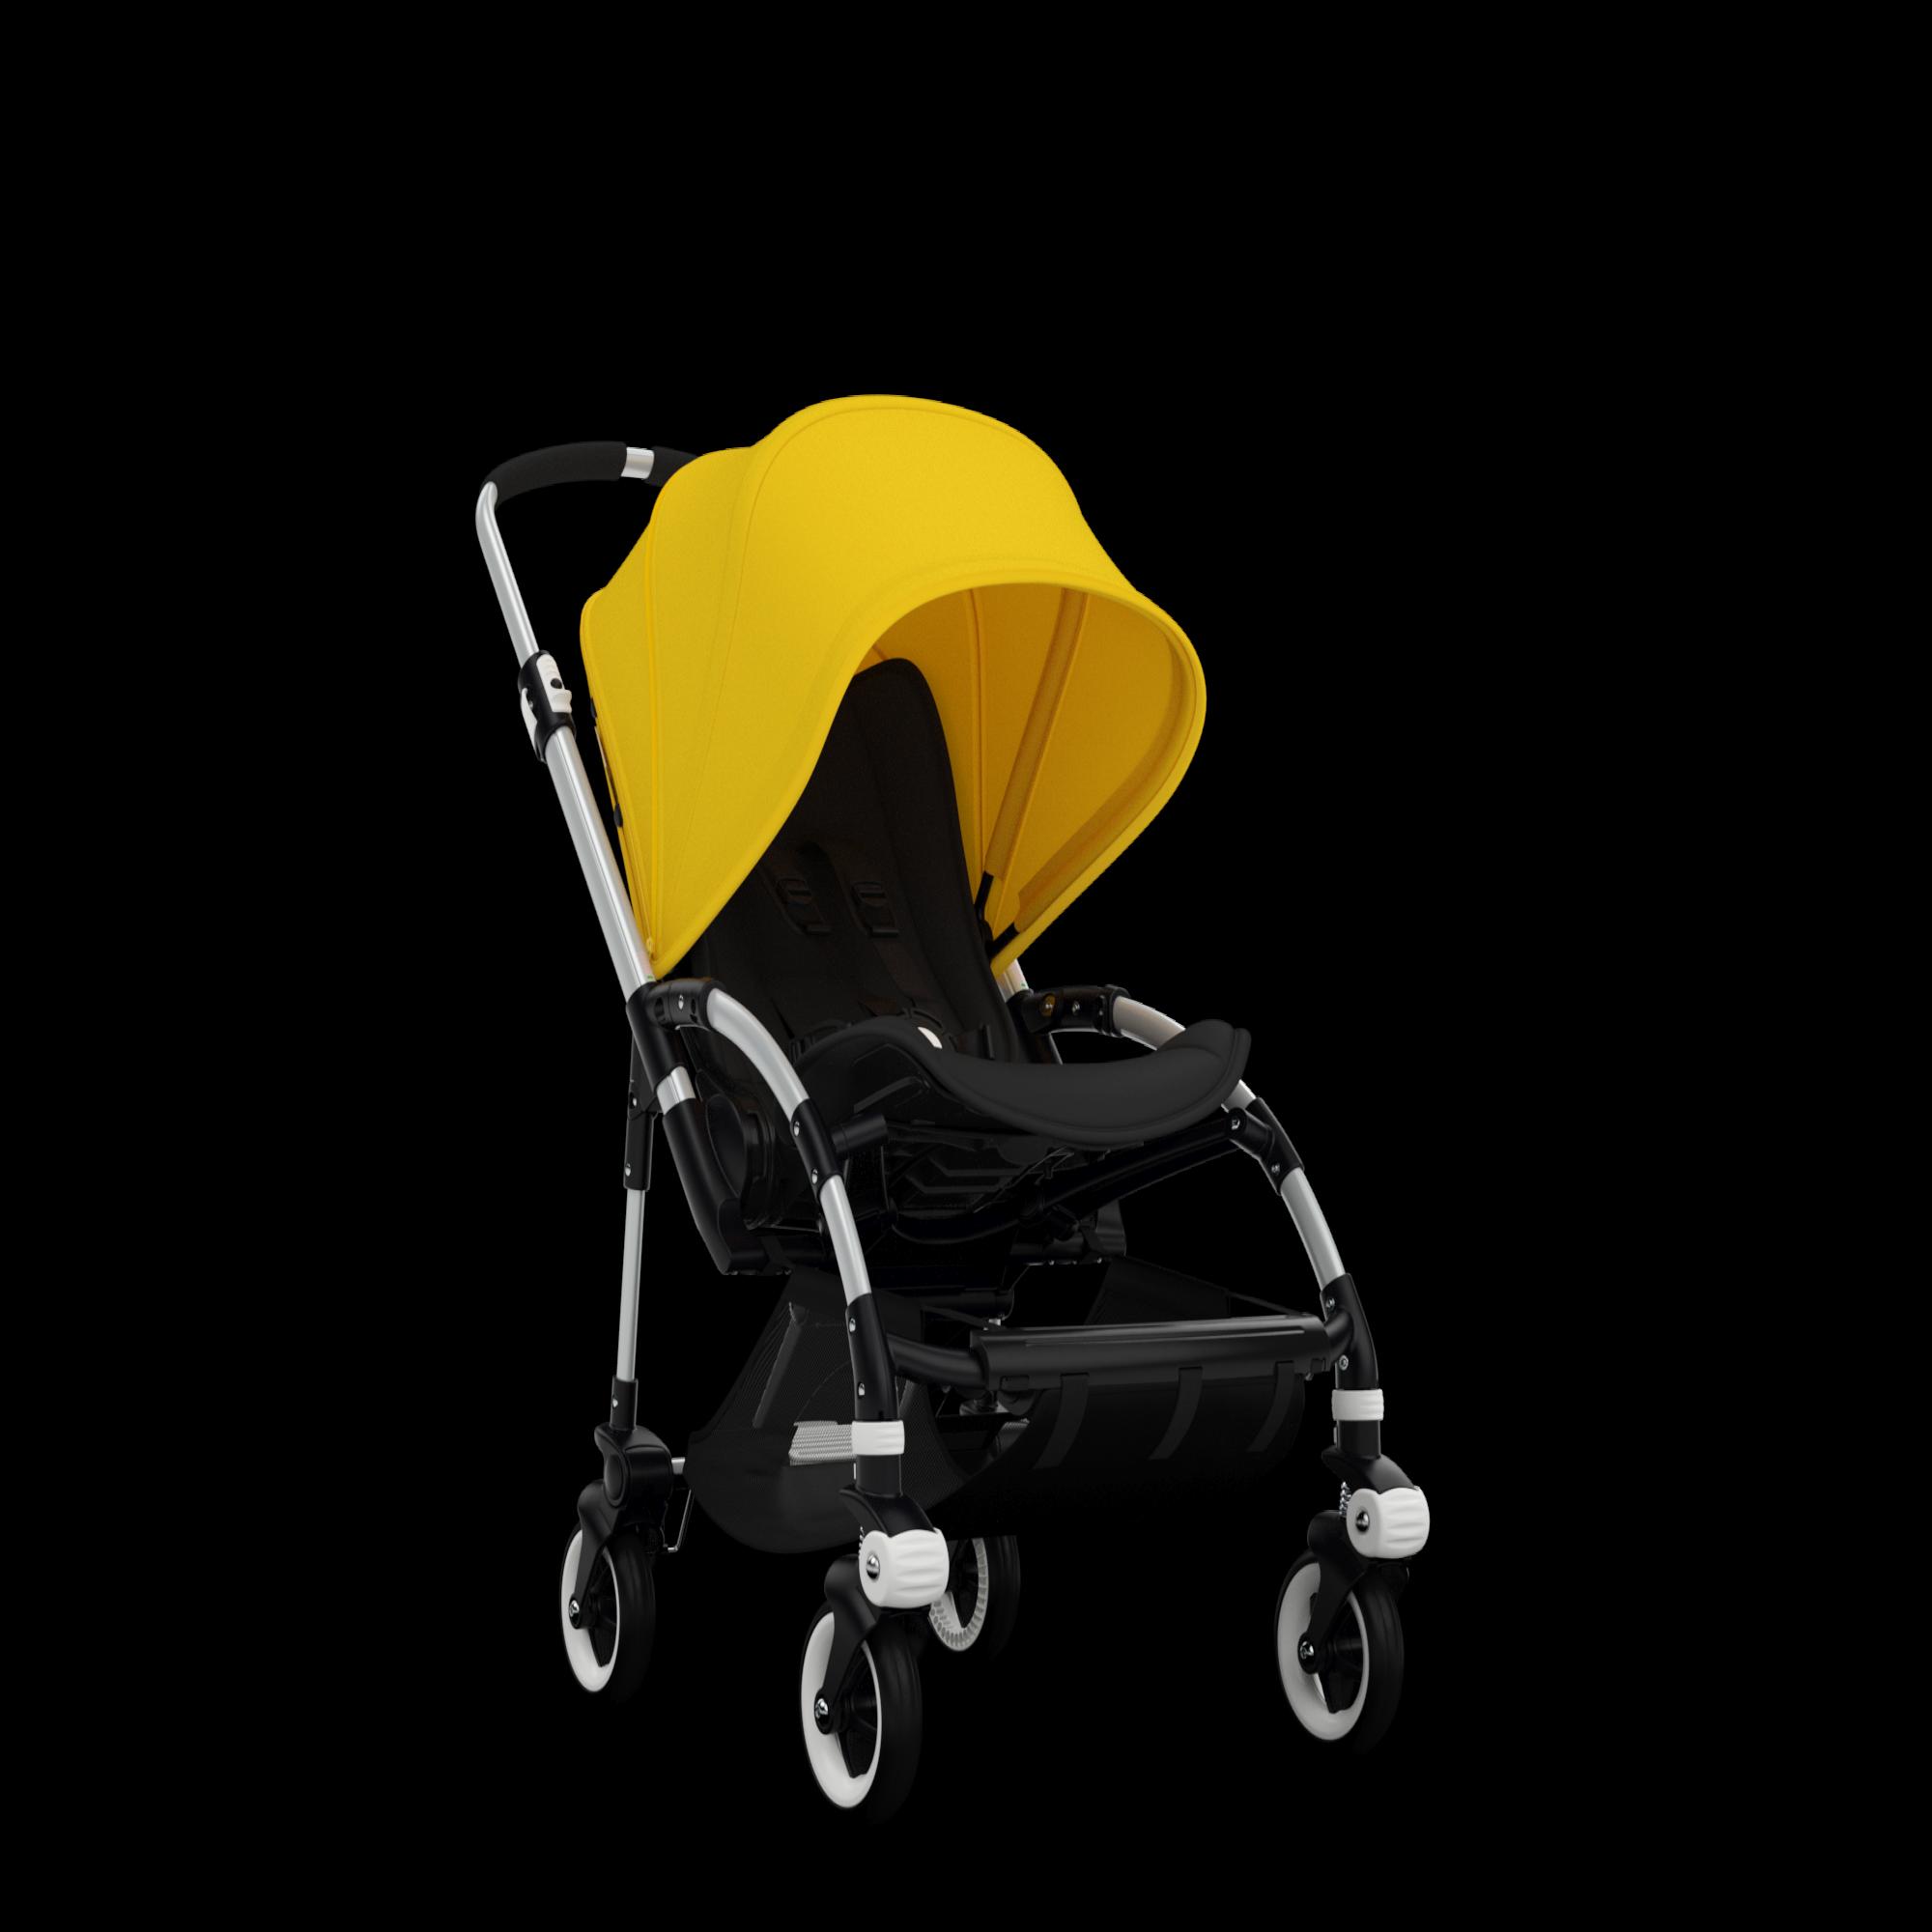 Capota extensible Bee 3 amarillo claro Bugaboo